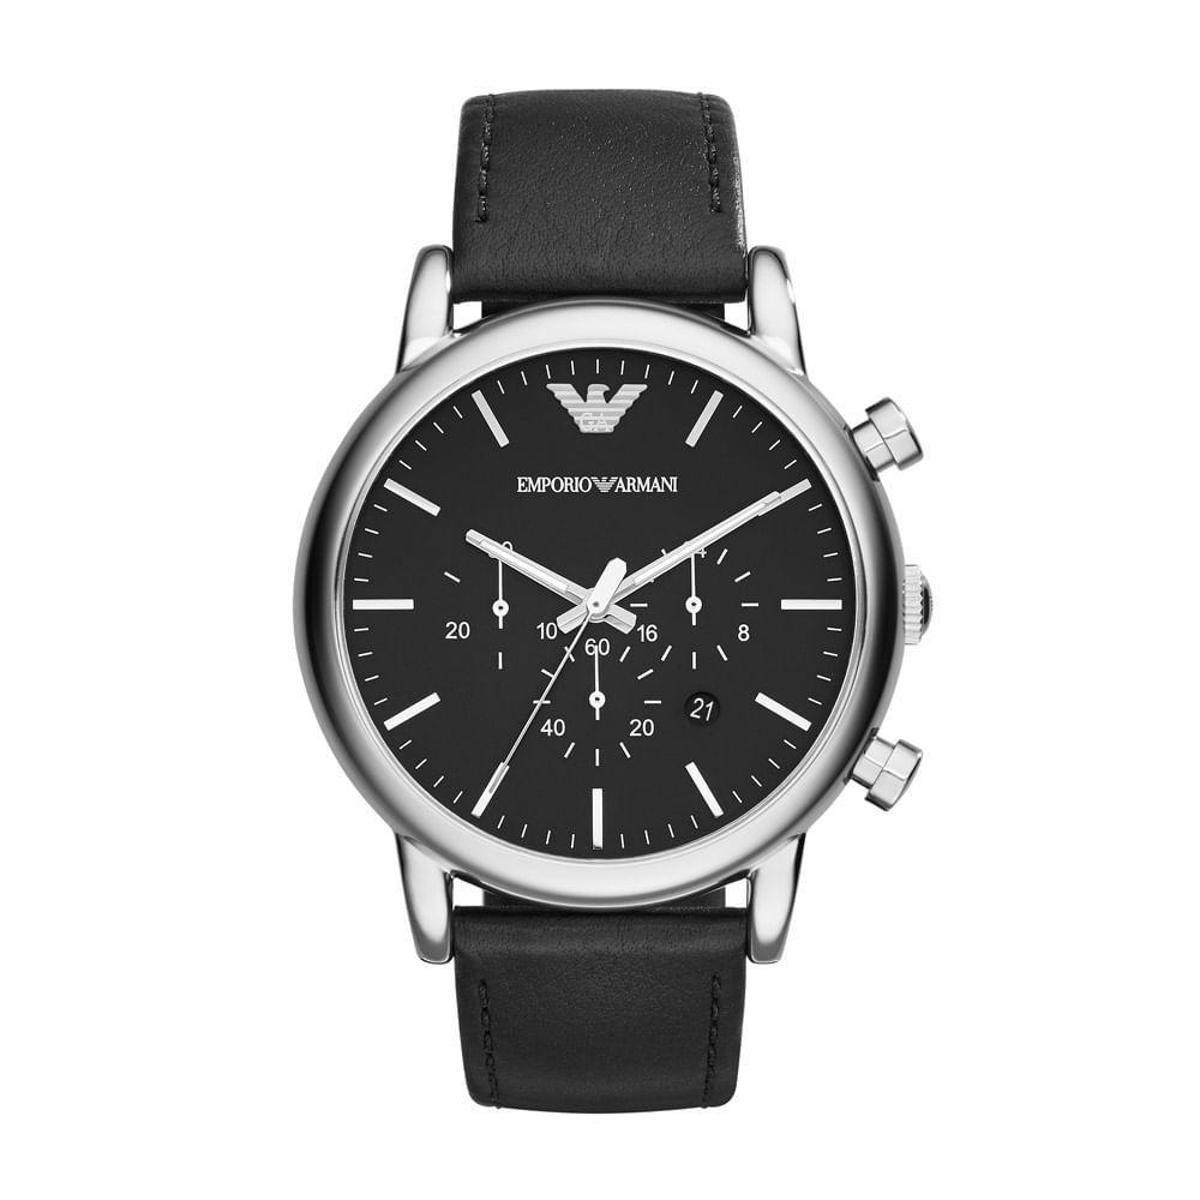 46836ec80fe Relógio Emporio Armani Masculino Luigi - AR1828 0PN AR1828 0PN - Compre  Agora